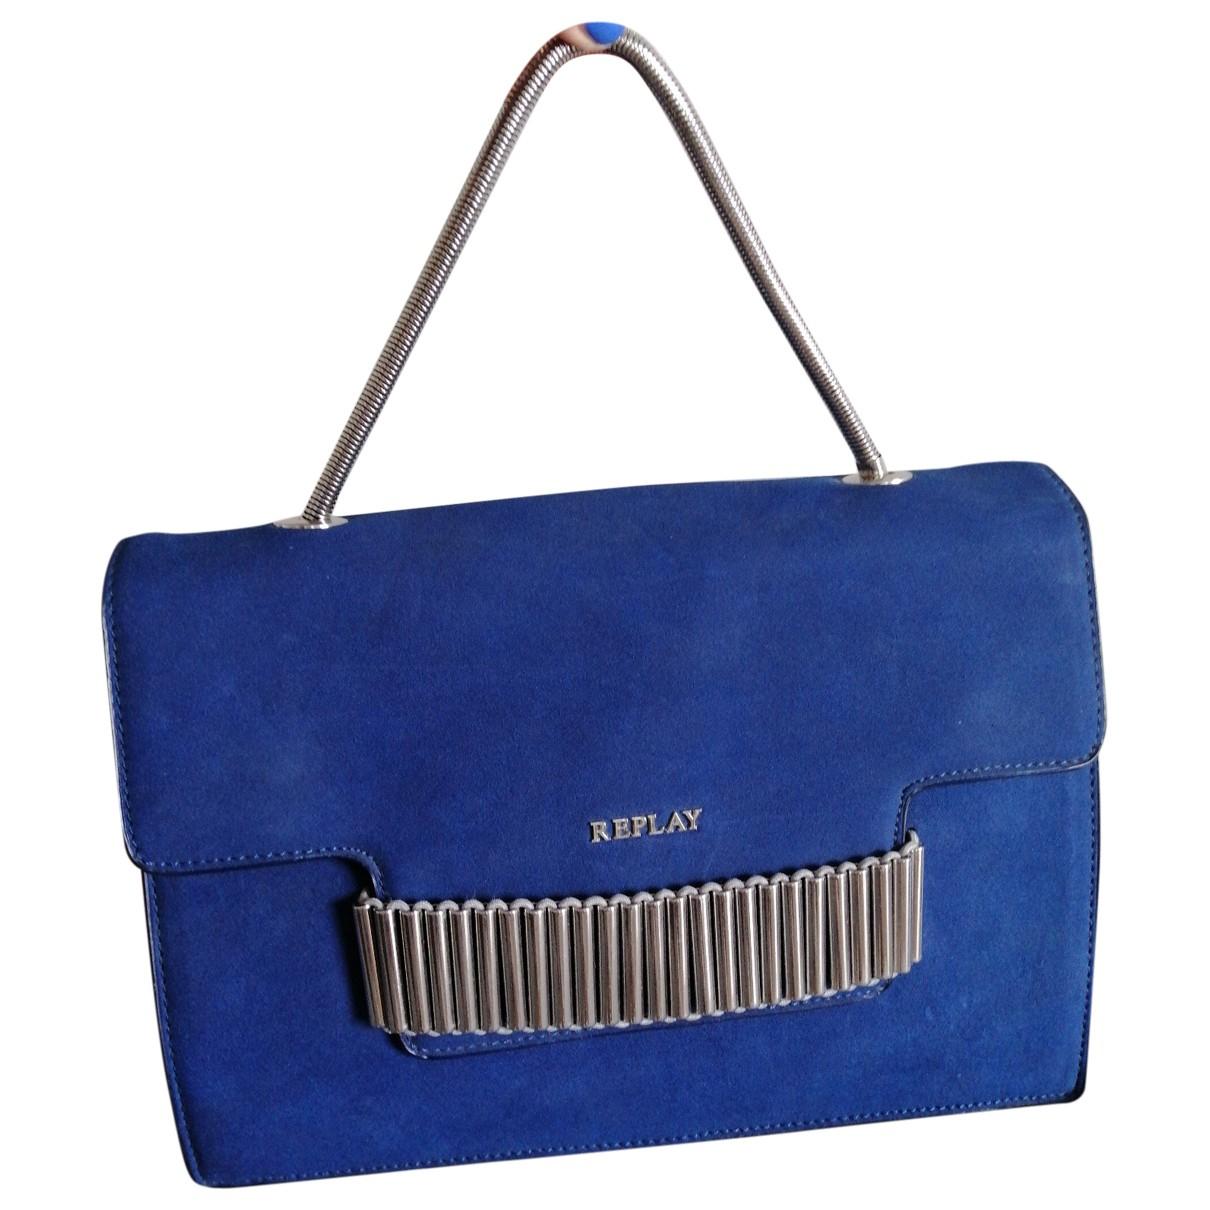 Replay \N Blue Suede handbag for Women \N